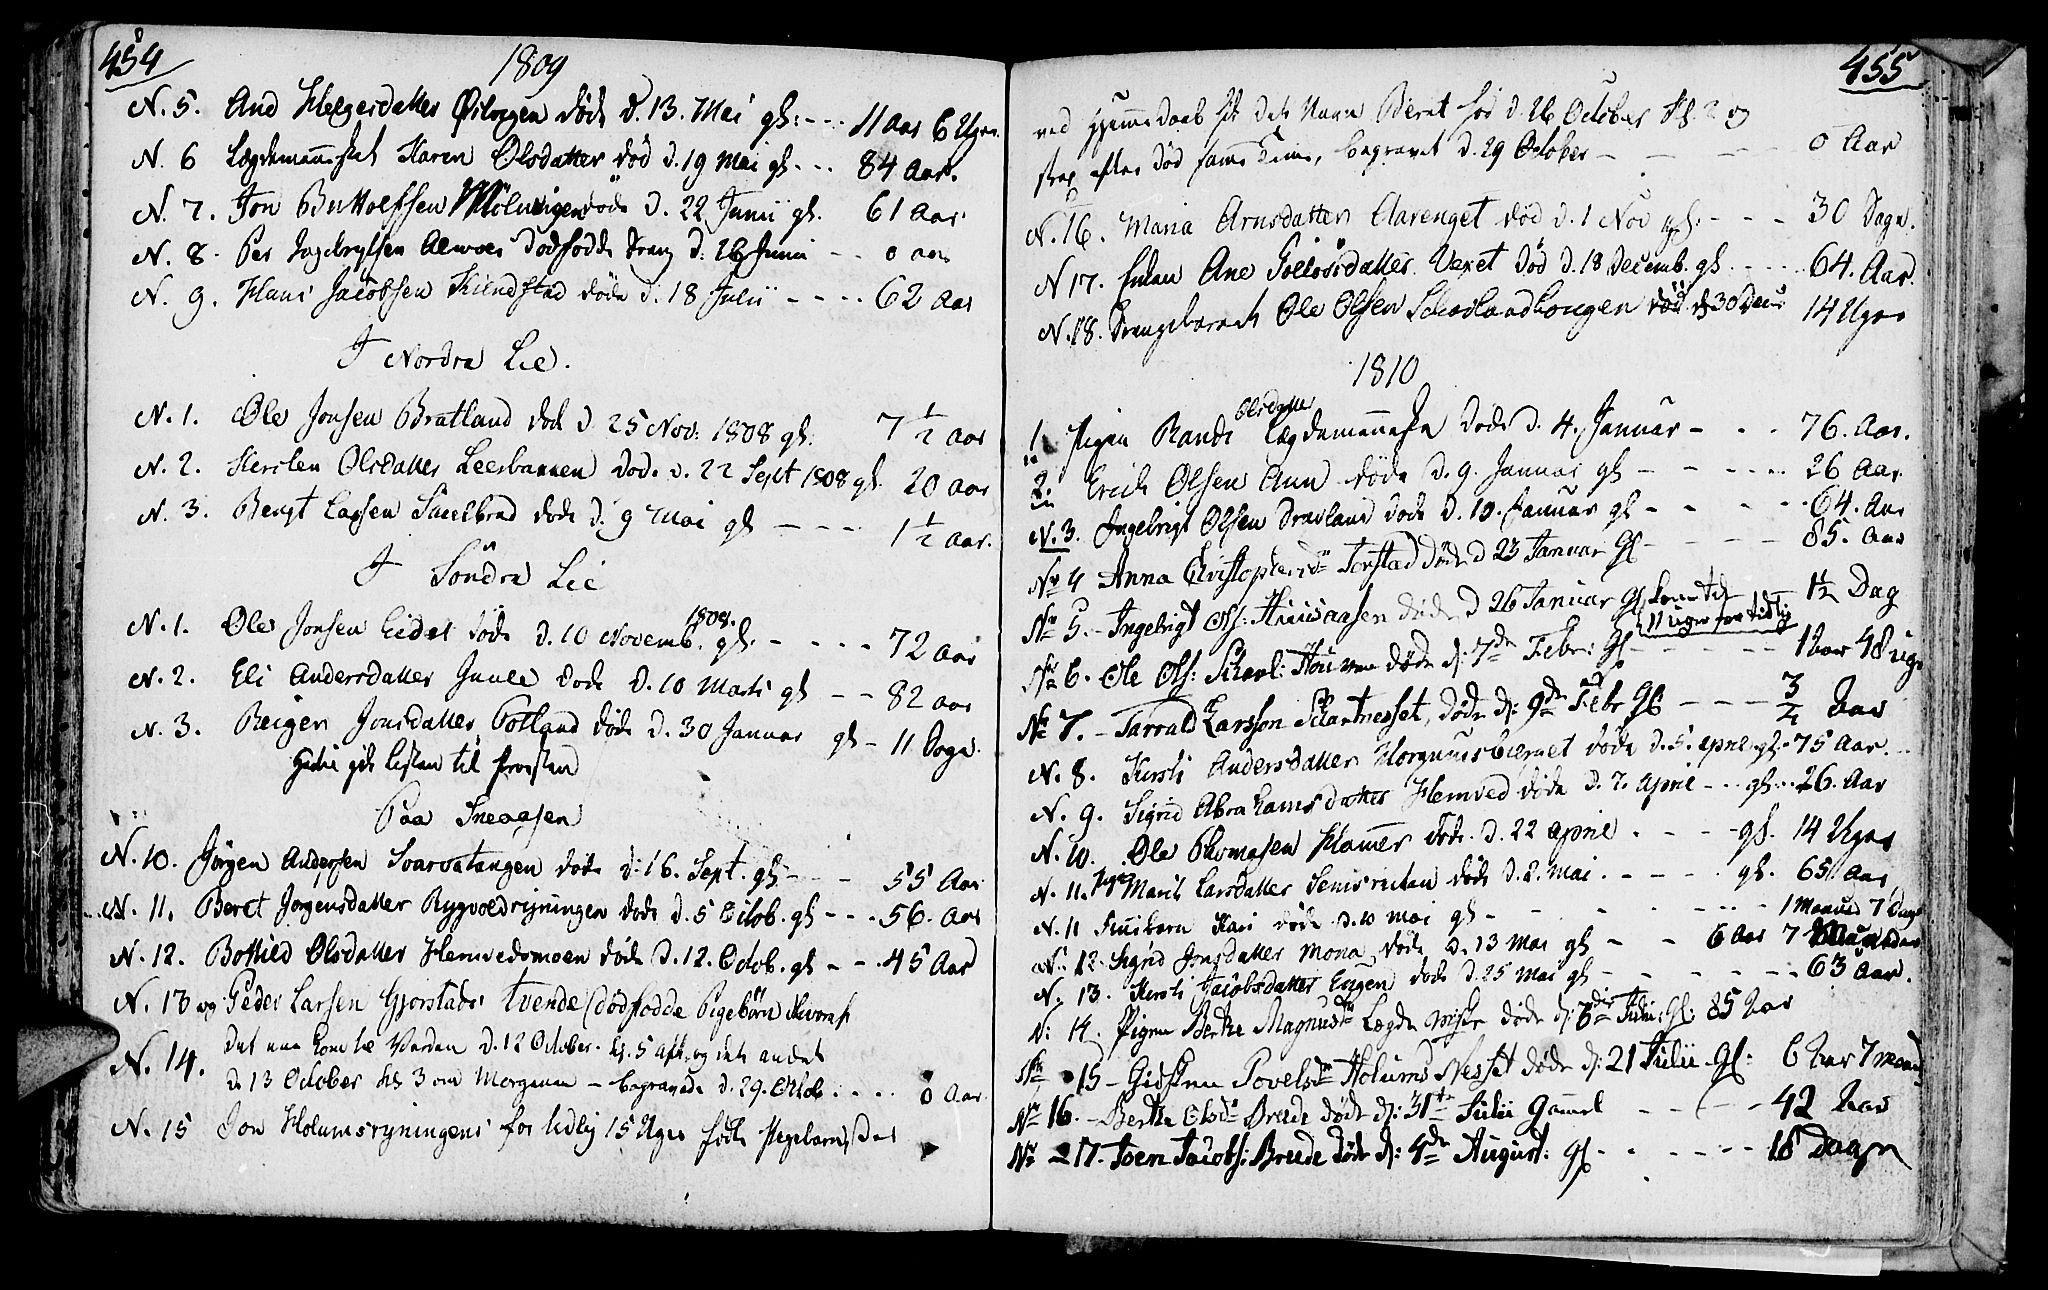 SAT, Ministerialprotokoller, klokkerbøker og fødselsregistre - Nord-Trøndelag, 749/L0468: Ministerialbok nr. 749A02, 1787-1817, s. 454-455